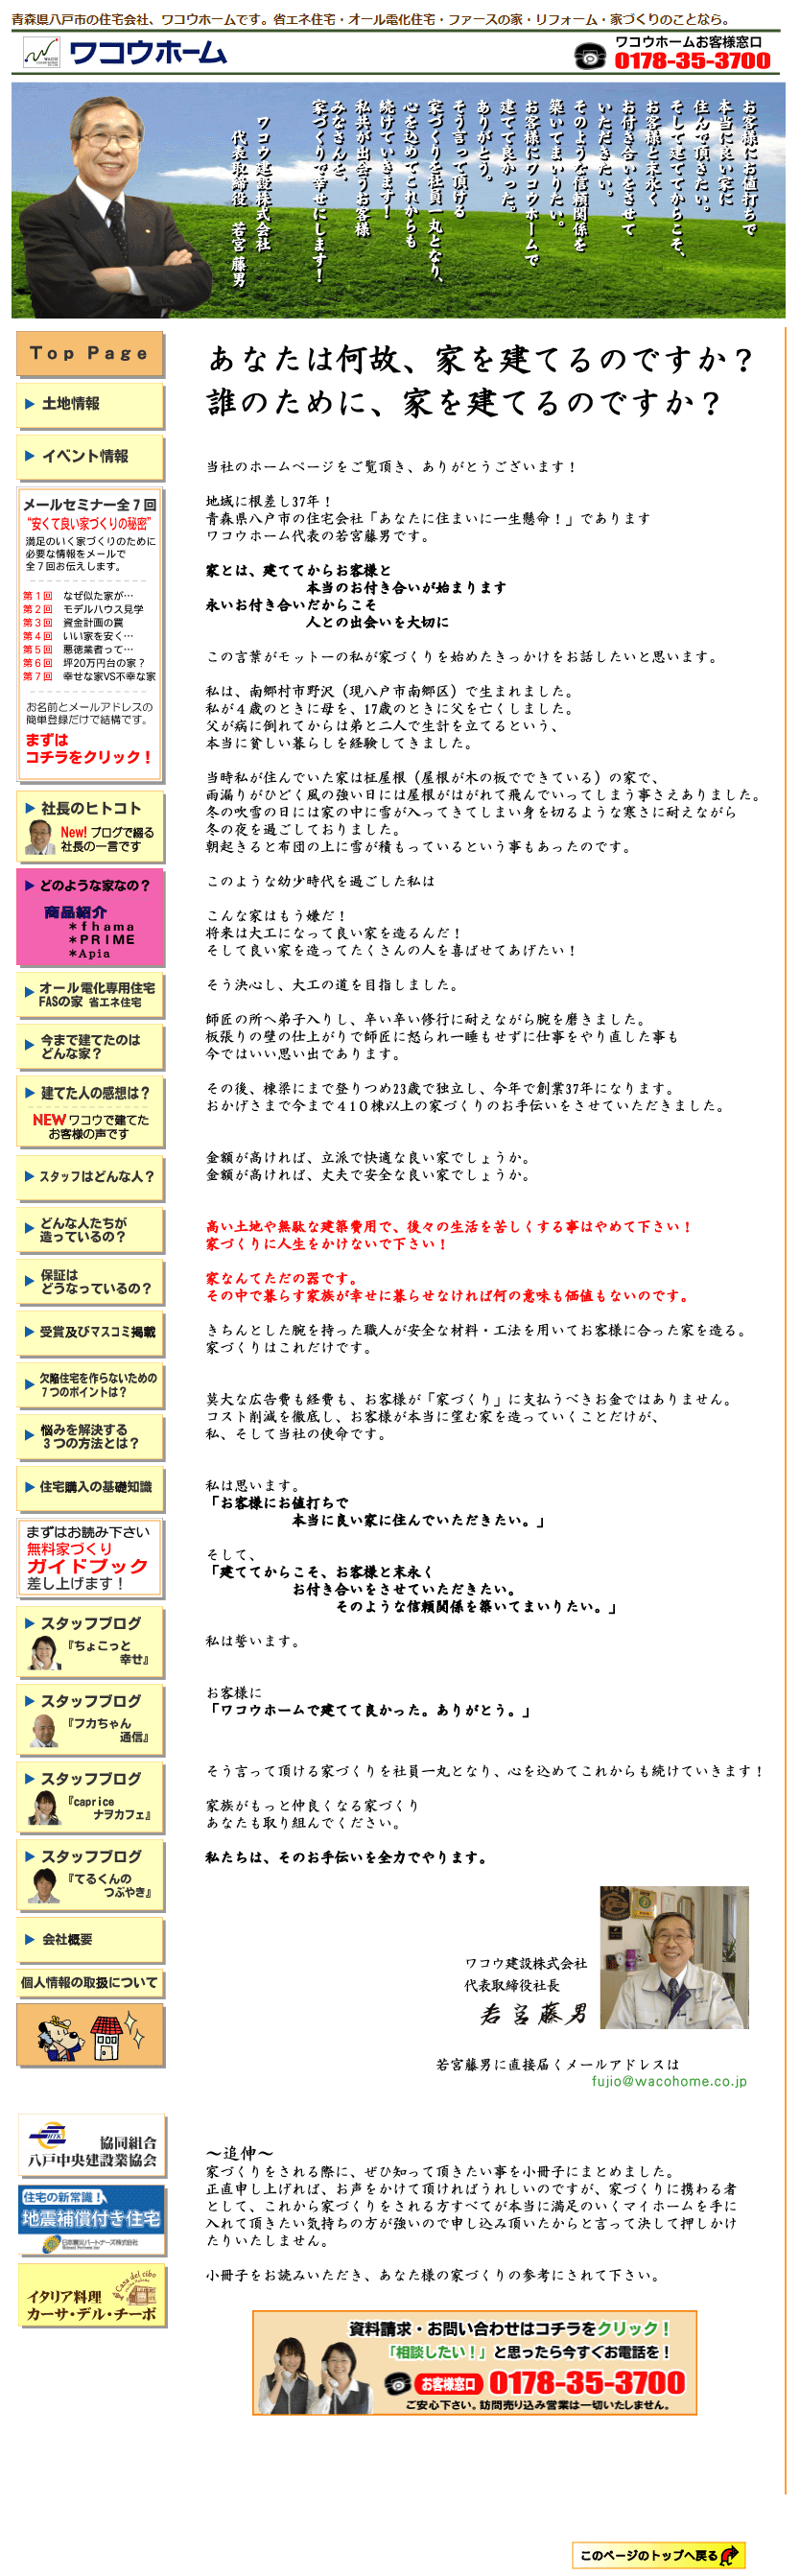 旧サイト:青森県 ワコウホーム ホームページ制作